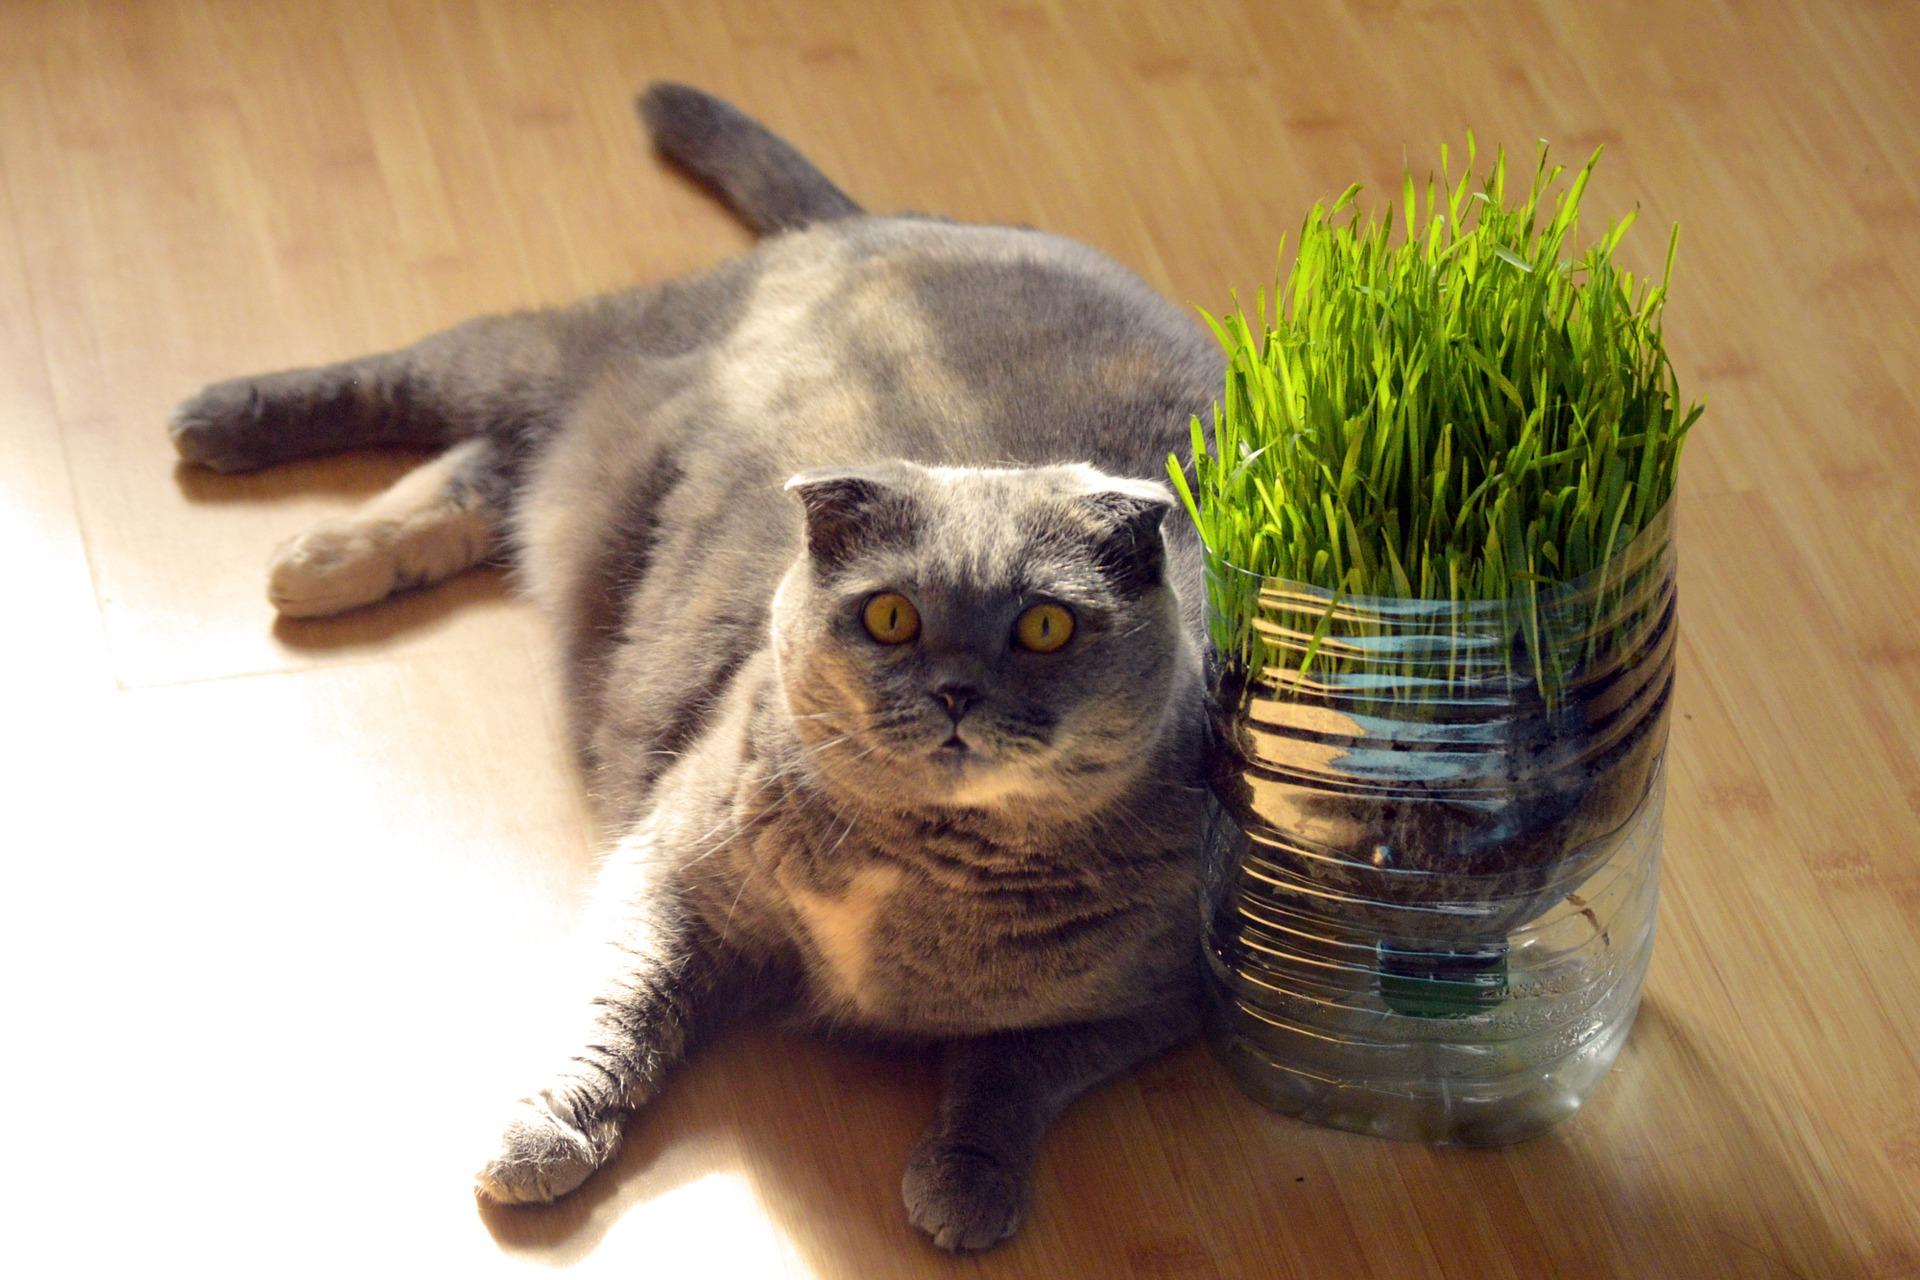 """Es ist zu beobachten, dass sowohl Tiere, die wild leben als auch Schoßkatzen gerne die Pflanzen beißen. Dies ist durch die physiologischen Bedürfnisse der Katzen gerechtfertigt. Es lohnt sich also, einer vierbeinigen Katze Zugang zum sogenannten """"Katzengras"""" zu gewähren."""